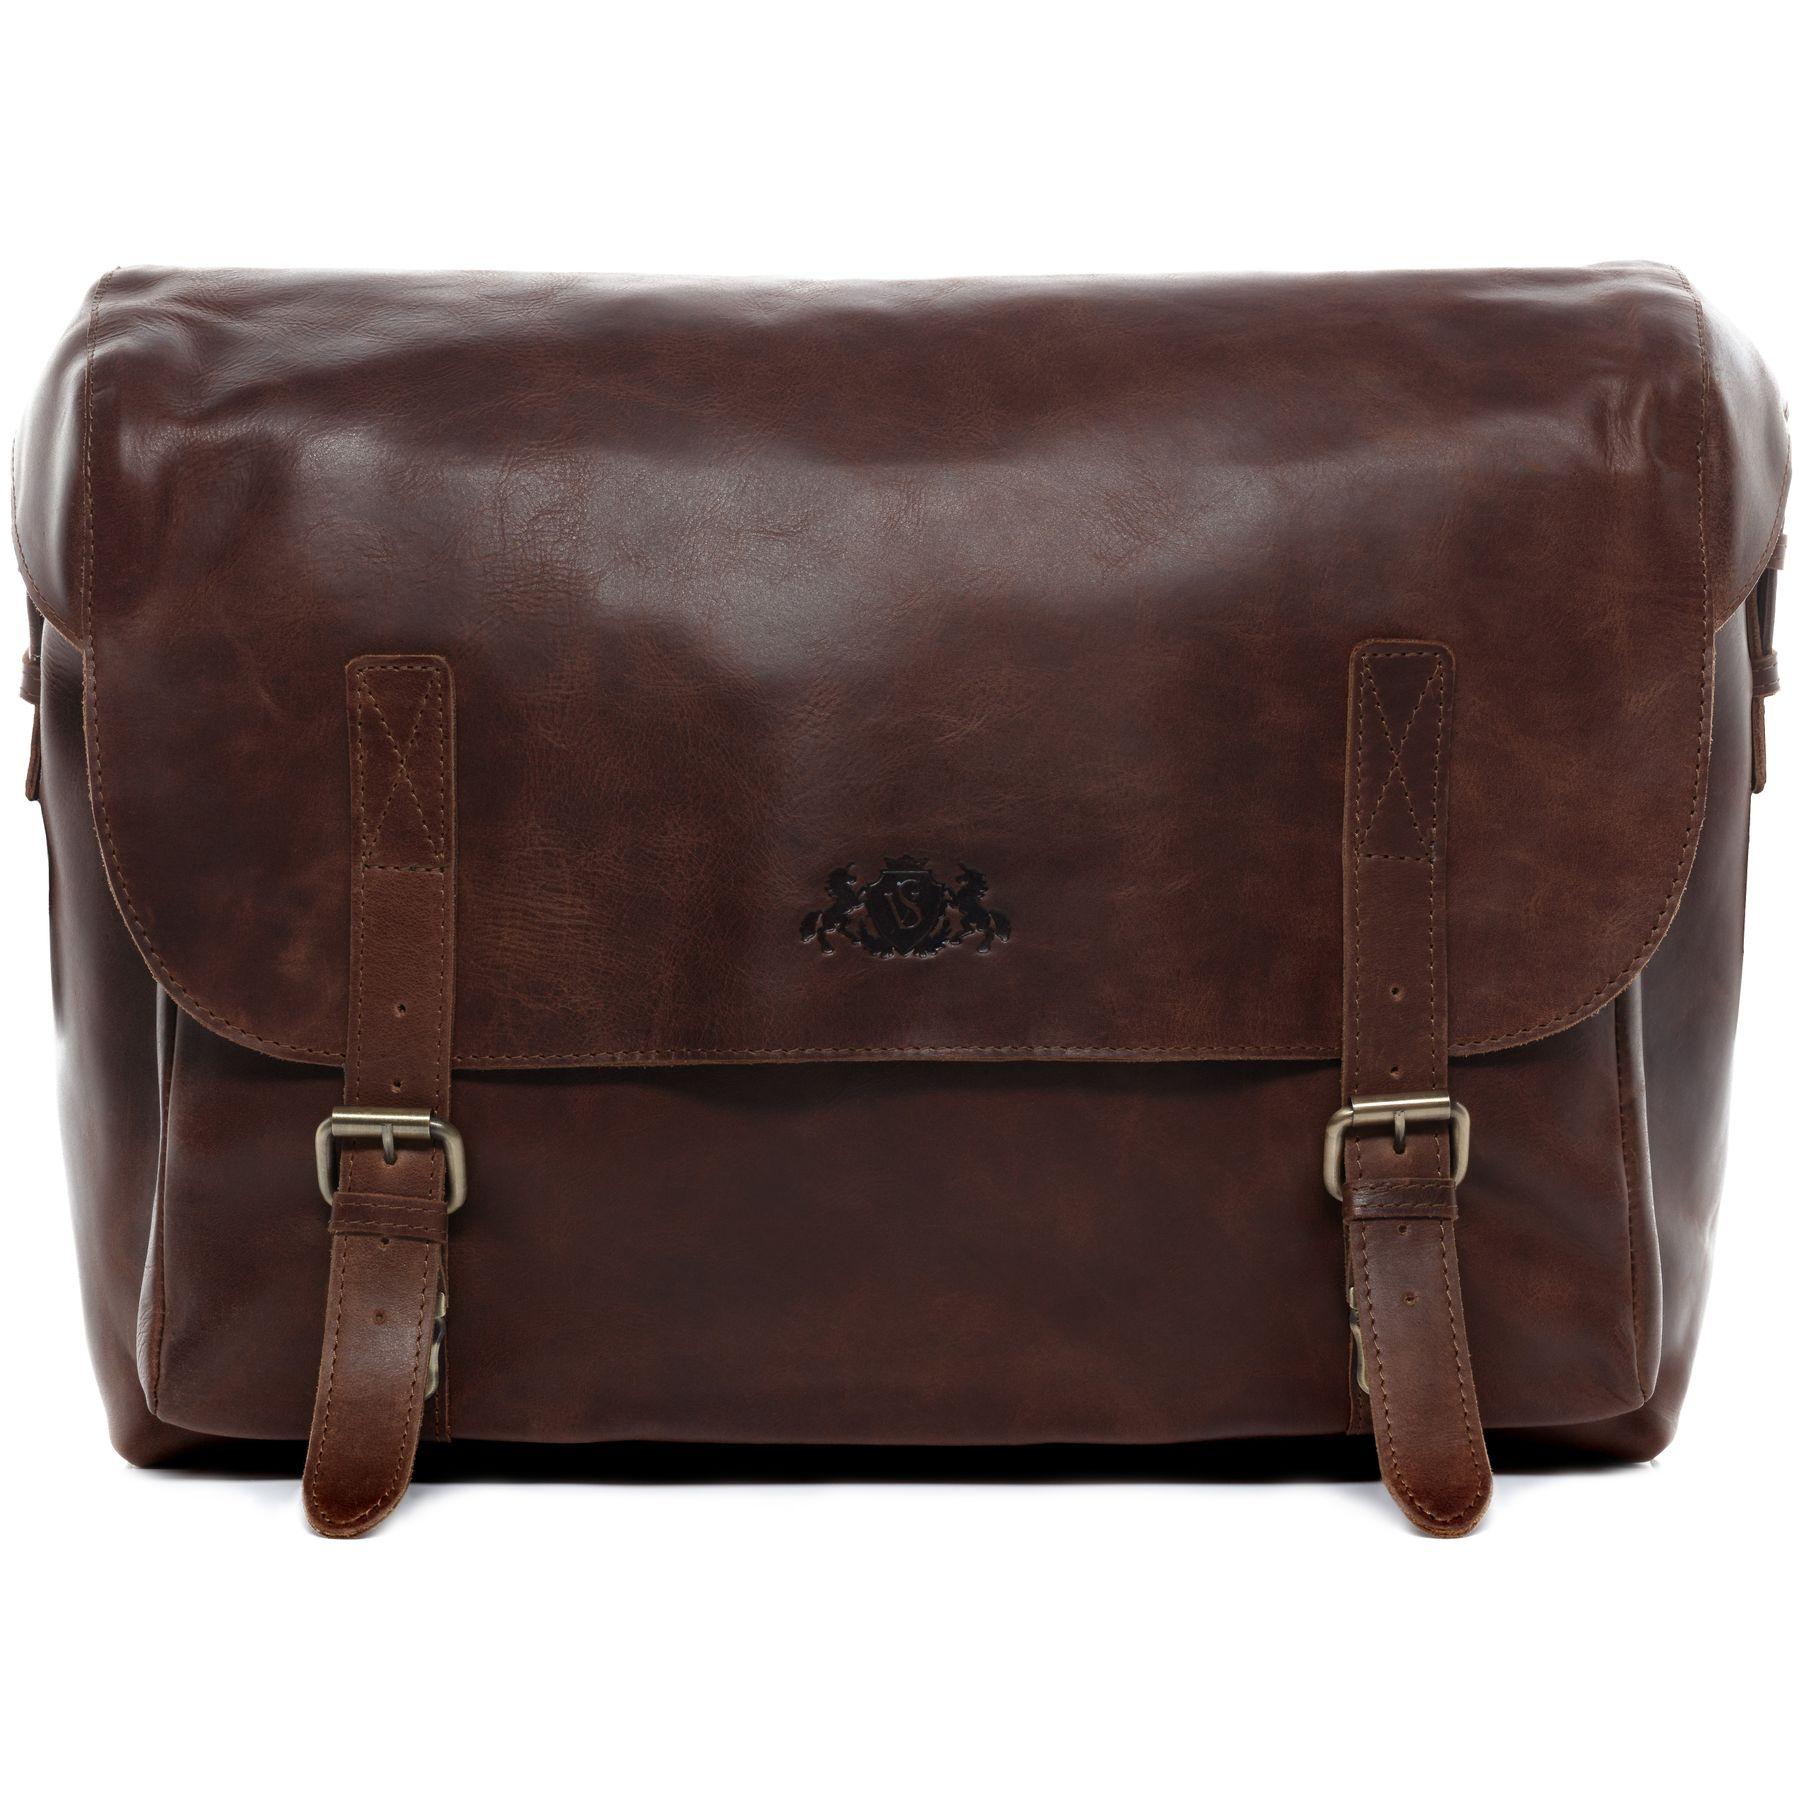 e030ad5c138c7 SID & VAIN briefcase Natural Leather ETON brown-cognac office laptop  business bag portable computer shoulder bag Business